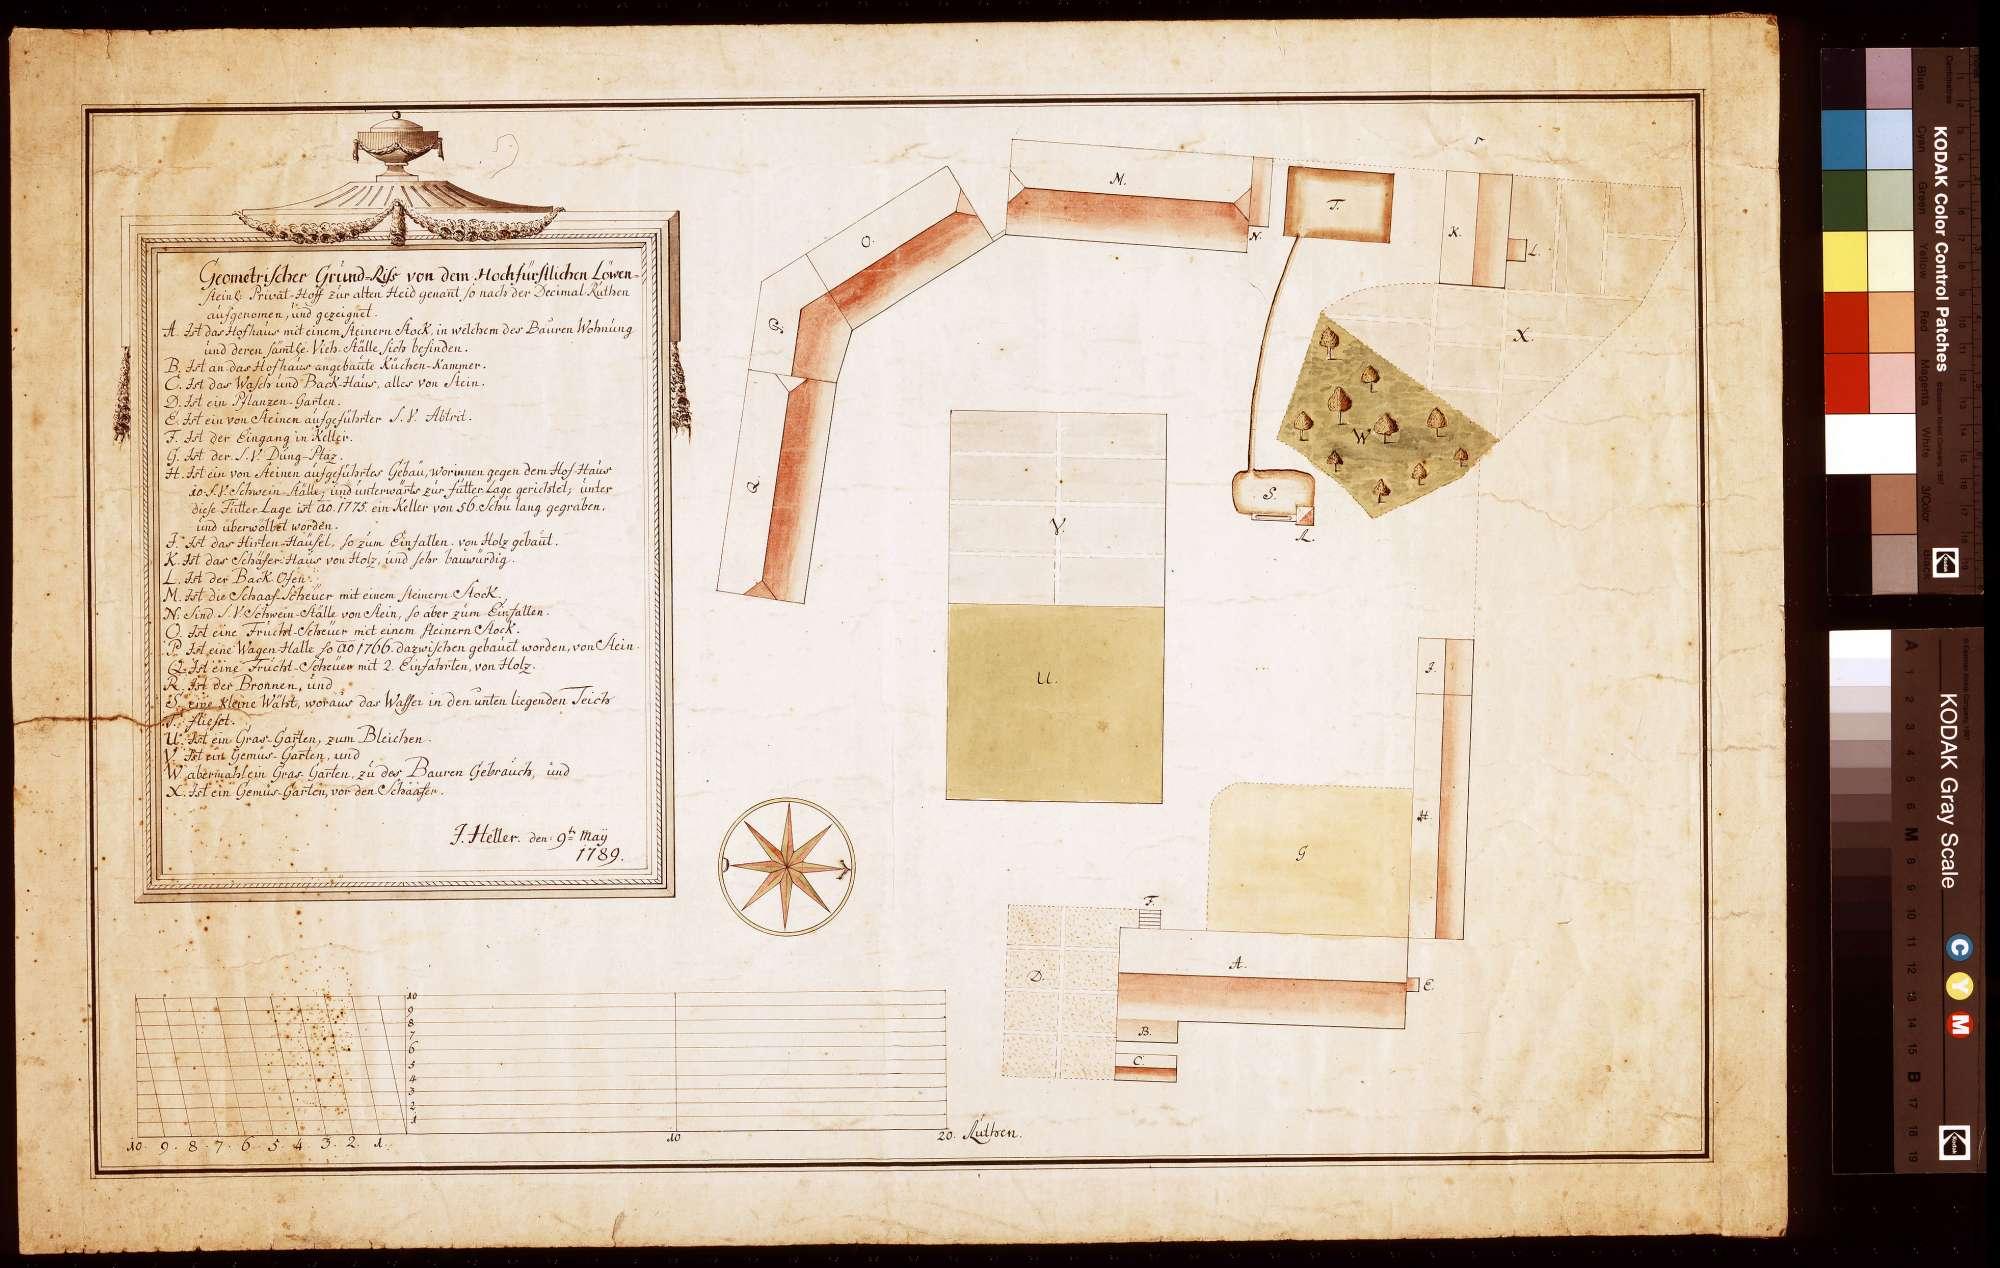 Geometrischer Grundriss von dem Privathof zur alten Heid genannt, so nach der Dezimalrute aufgenommen und gezeichnet (Inselkarte), Bild 1